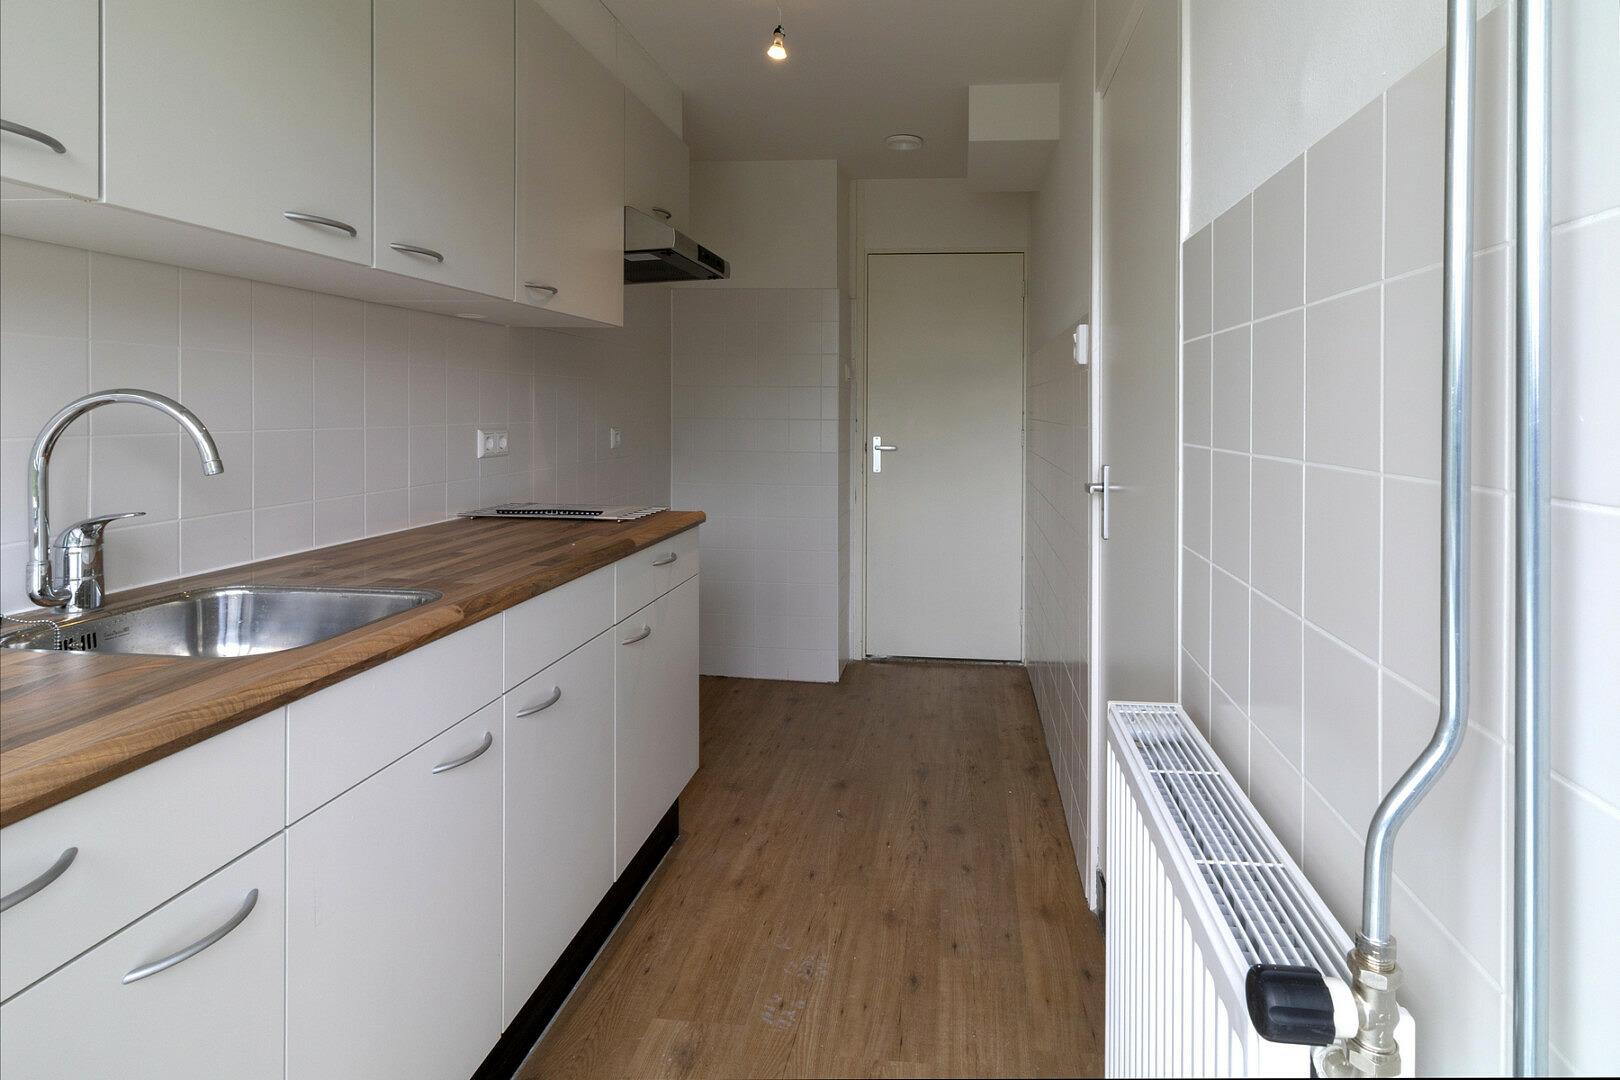 Fazantenplein Woongoed Zeist verduurzaming appartementen